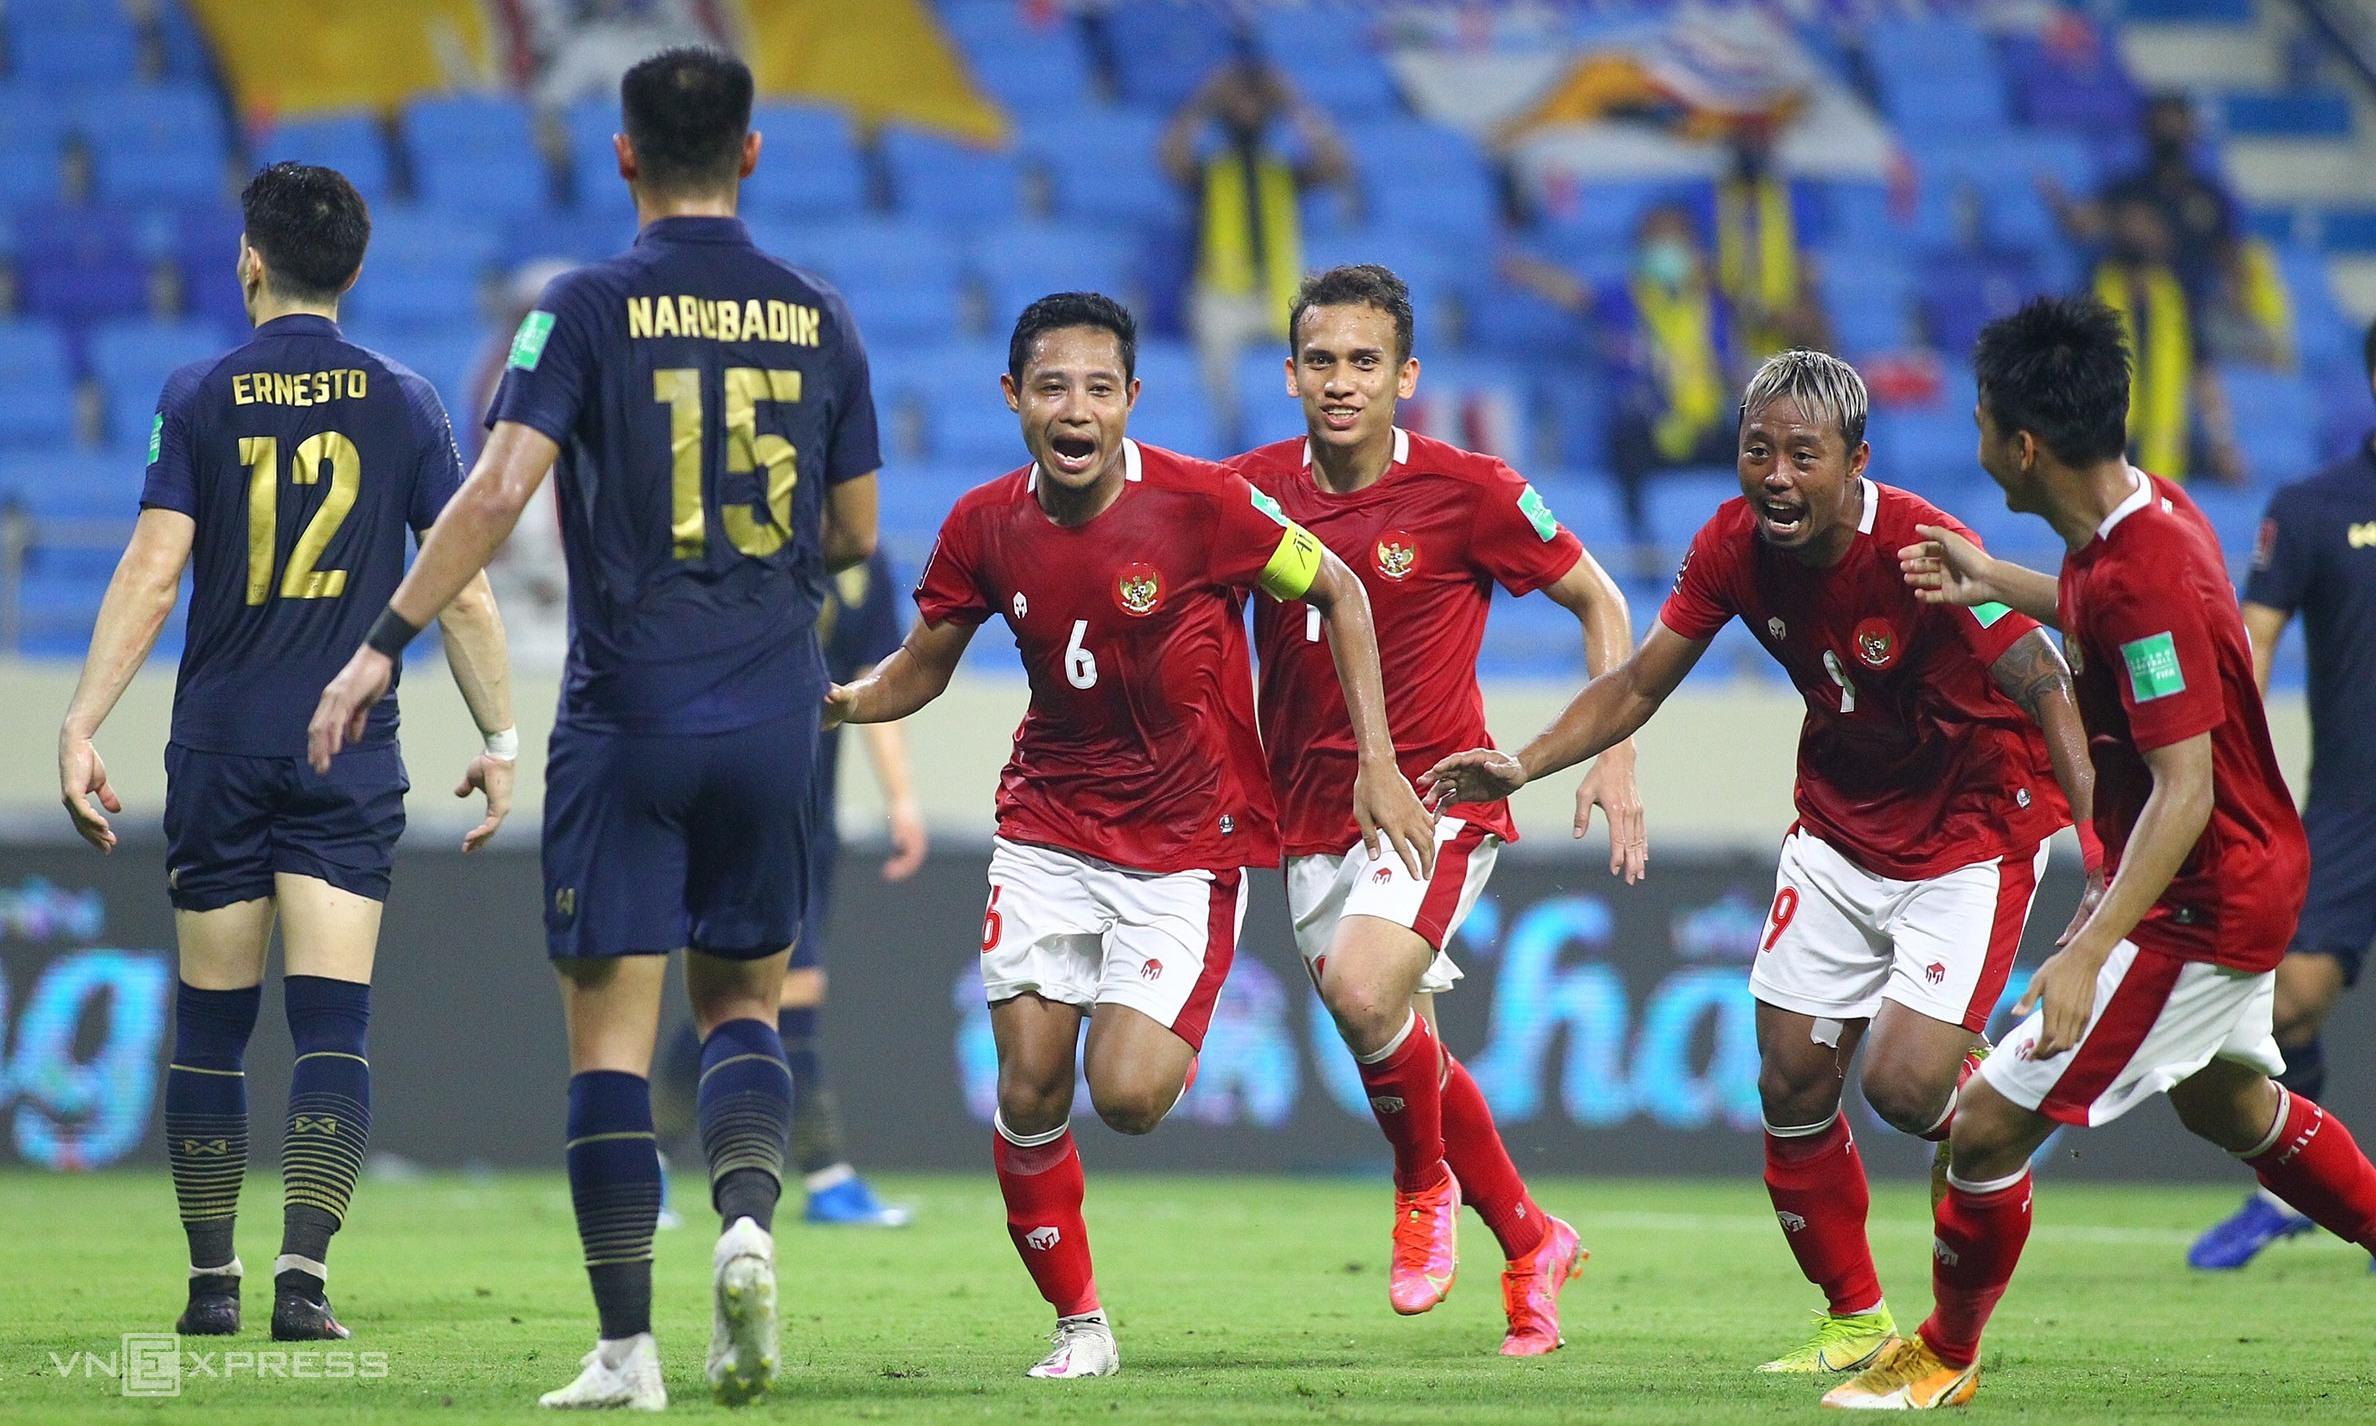 Hàng thủ là điểm yếu lớn nhất khiến Thái Lan để vuột chiến thắng trước Indonesia, dù hai lần dẫn bàn. Ảnh: Lâm Thoả